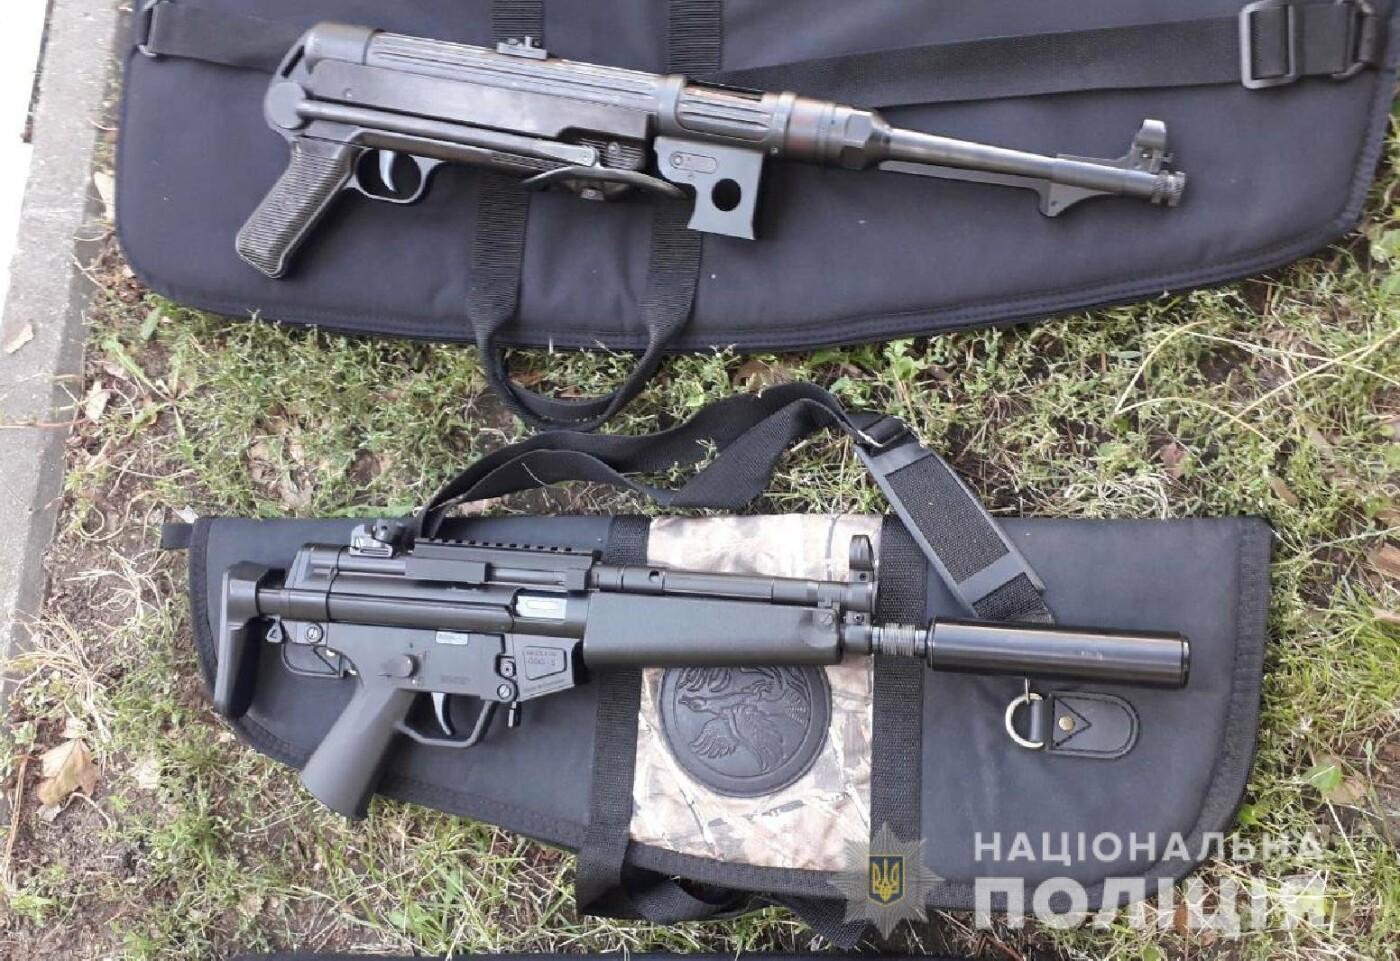 10 единиц оружия и около 800 патронов: у запорожца в гараже обнаружили настоящий арсенал оружия, – ФОТО, фото-4